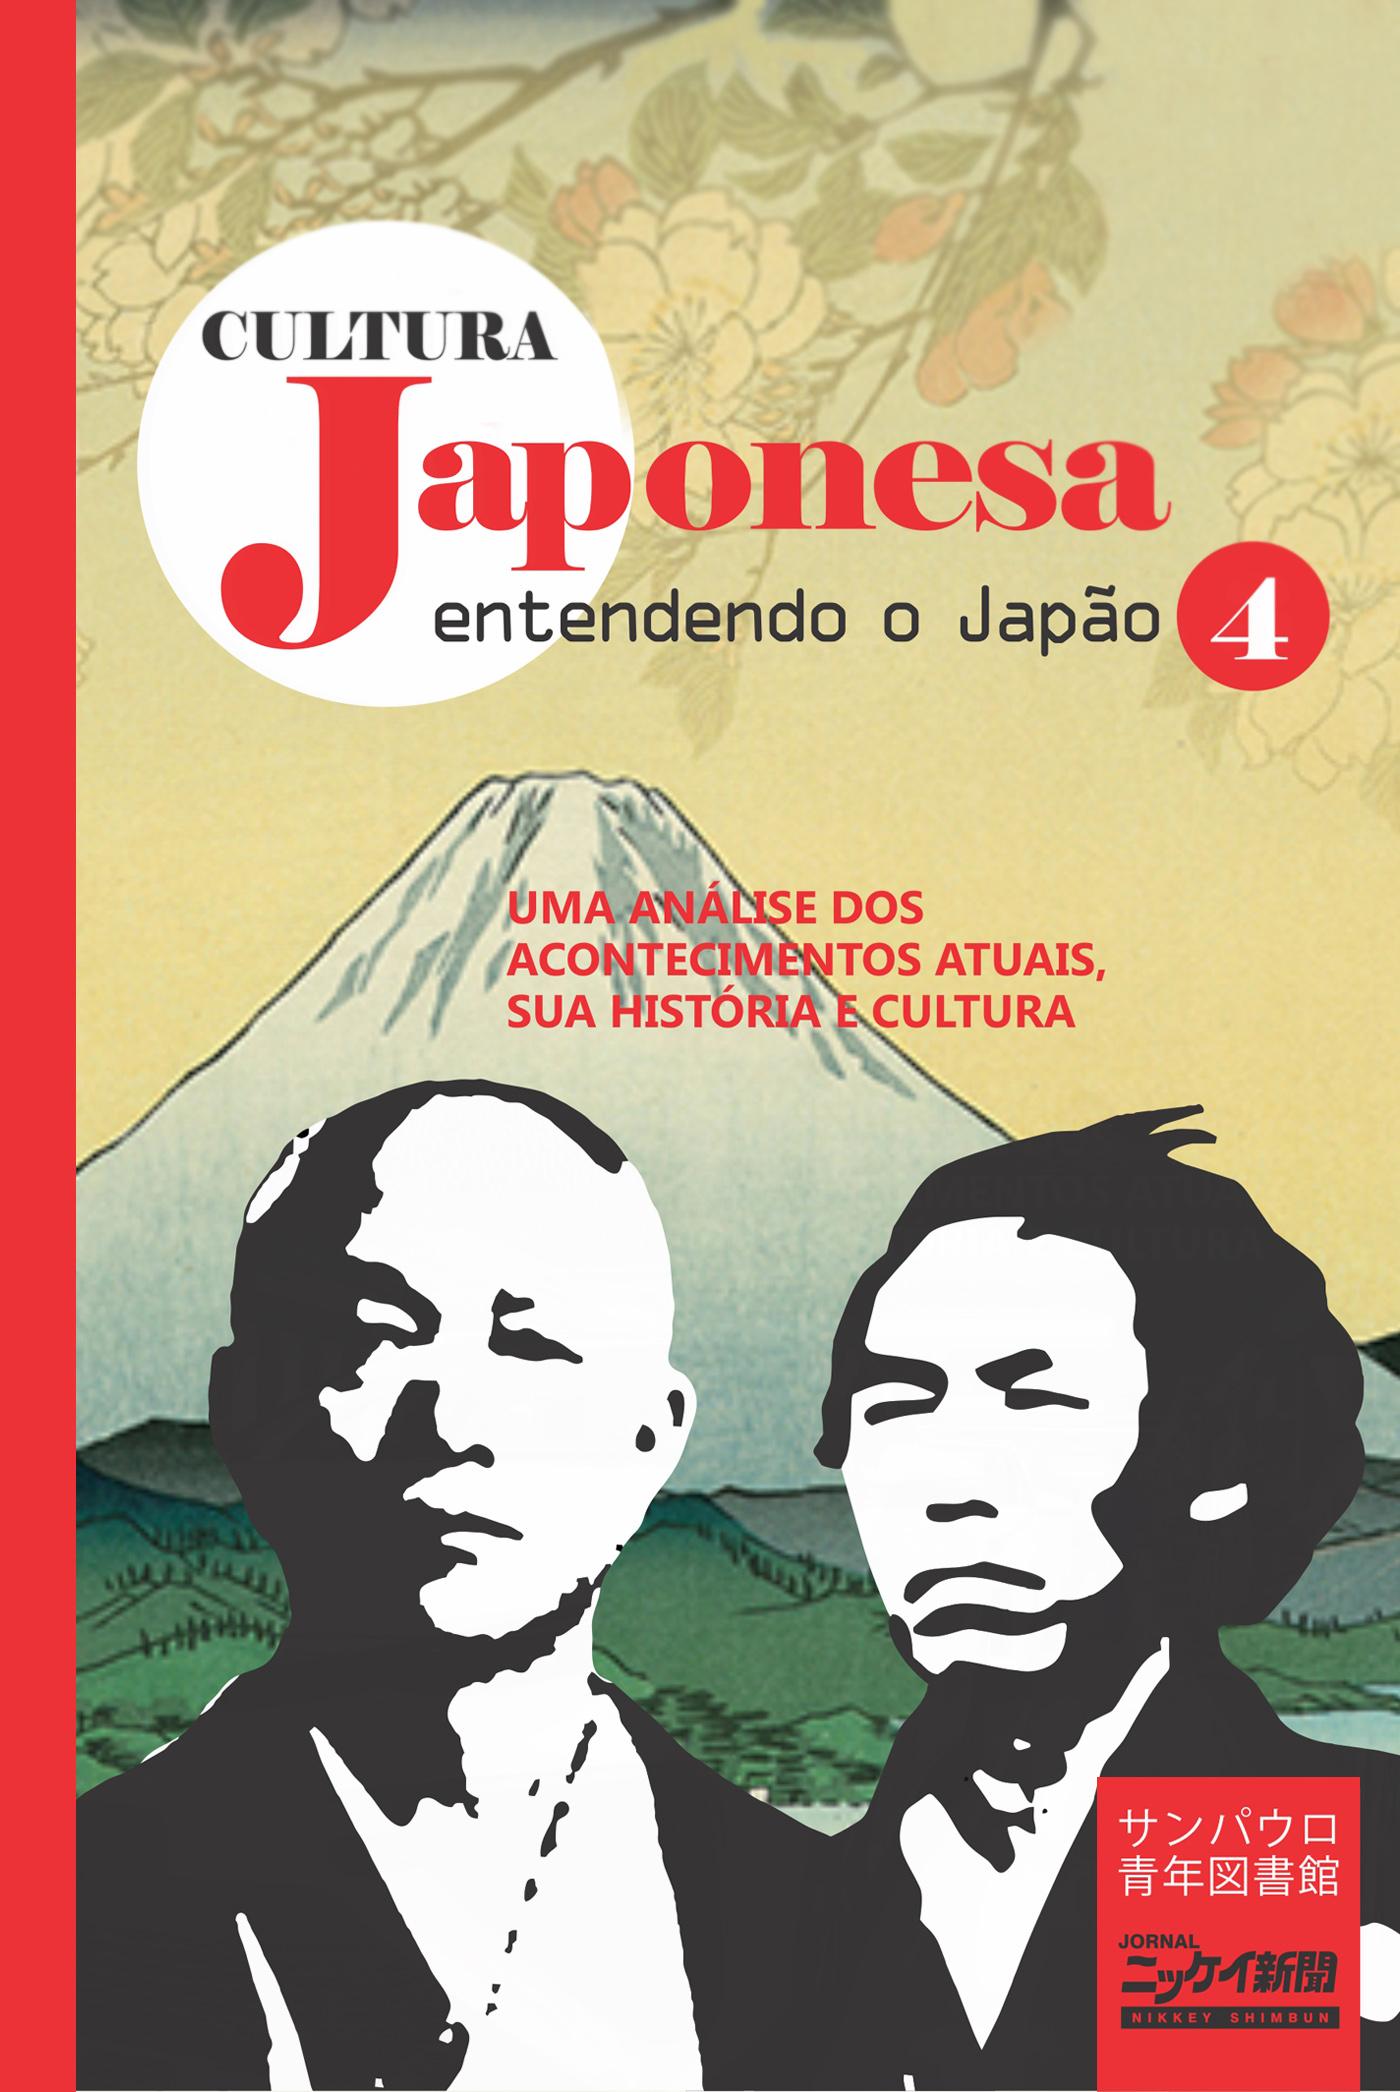 Cultura Japonesa 4